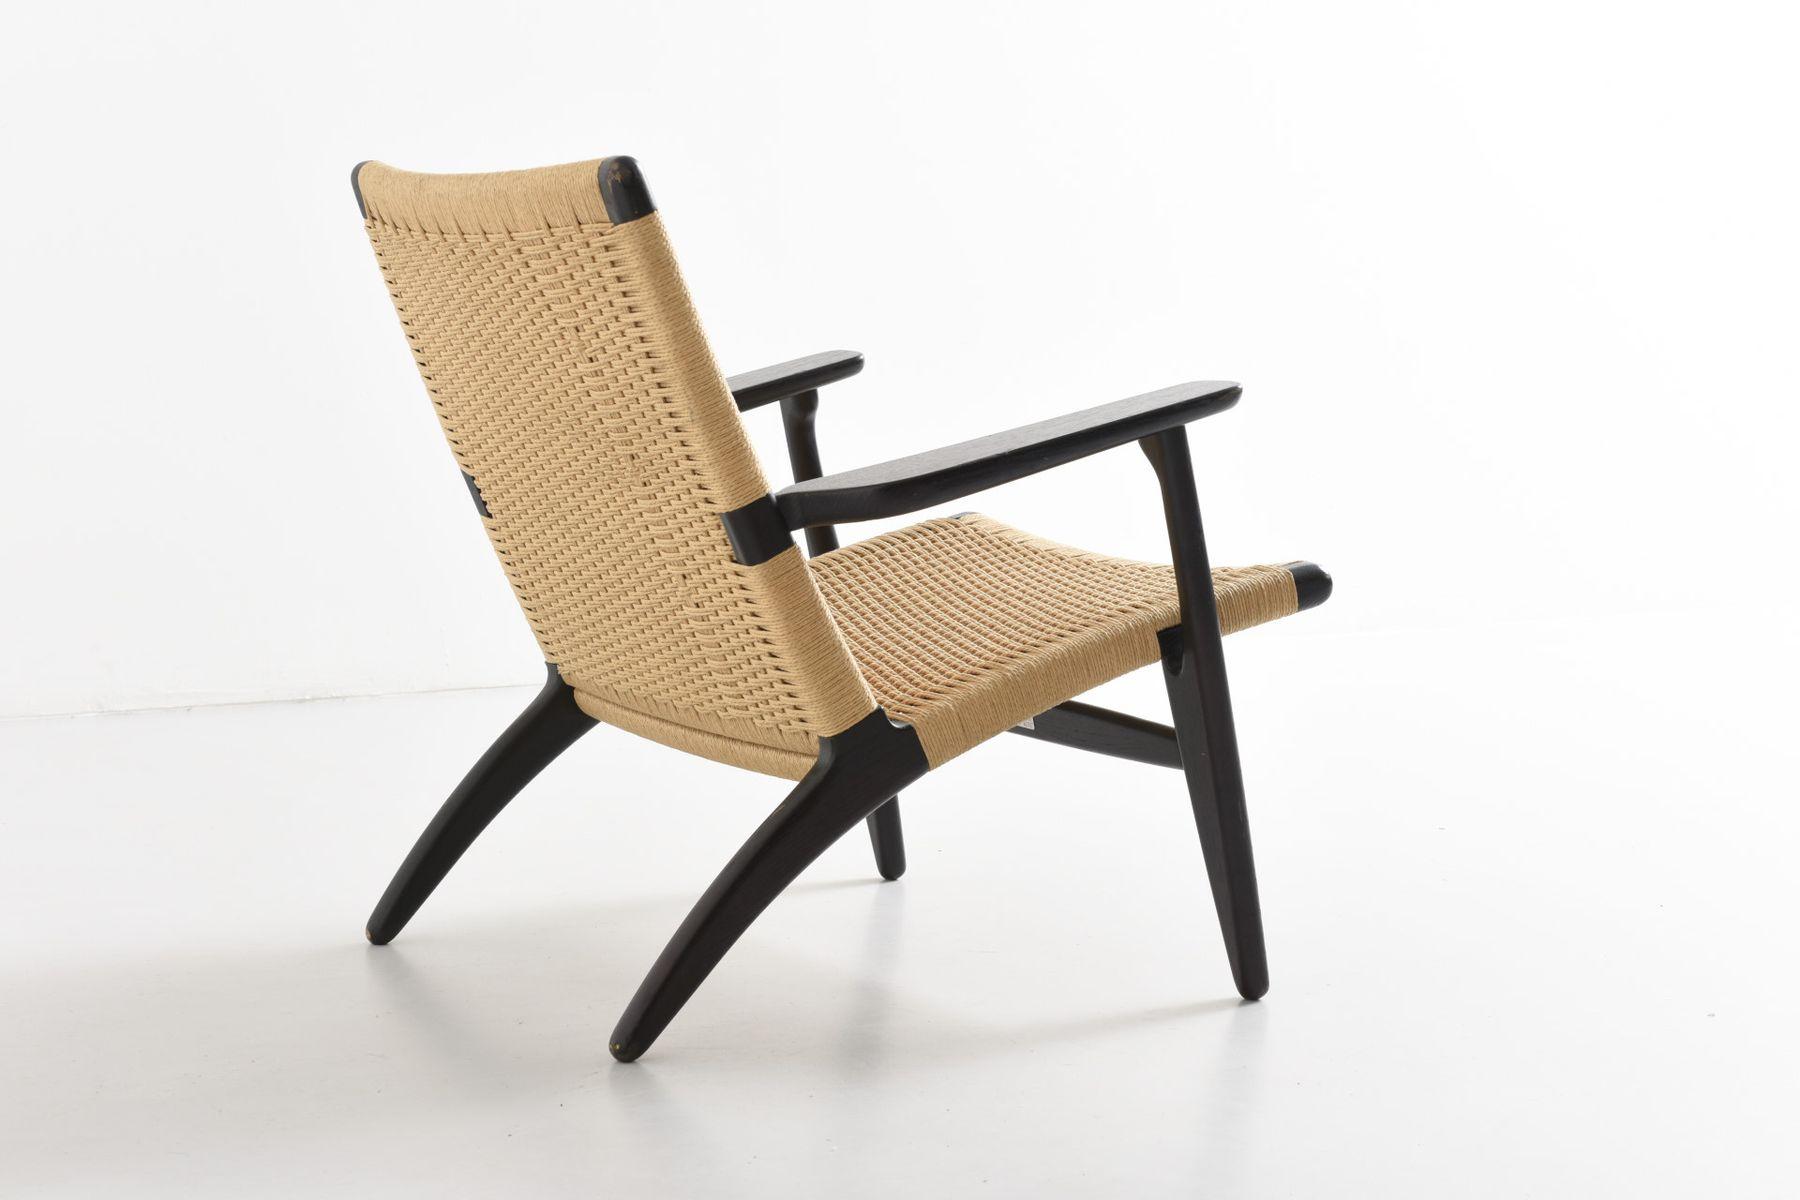 fauteuil ch25 par hans j wegner pour carl hansen s n en. Black Bedroom Furniture Sets. Home Design Ideas